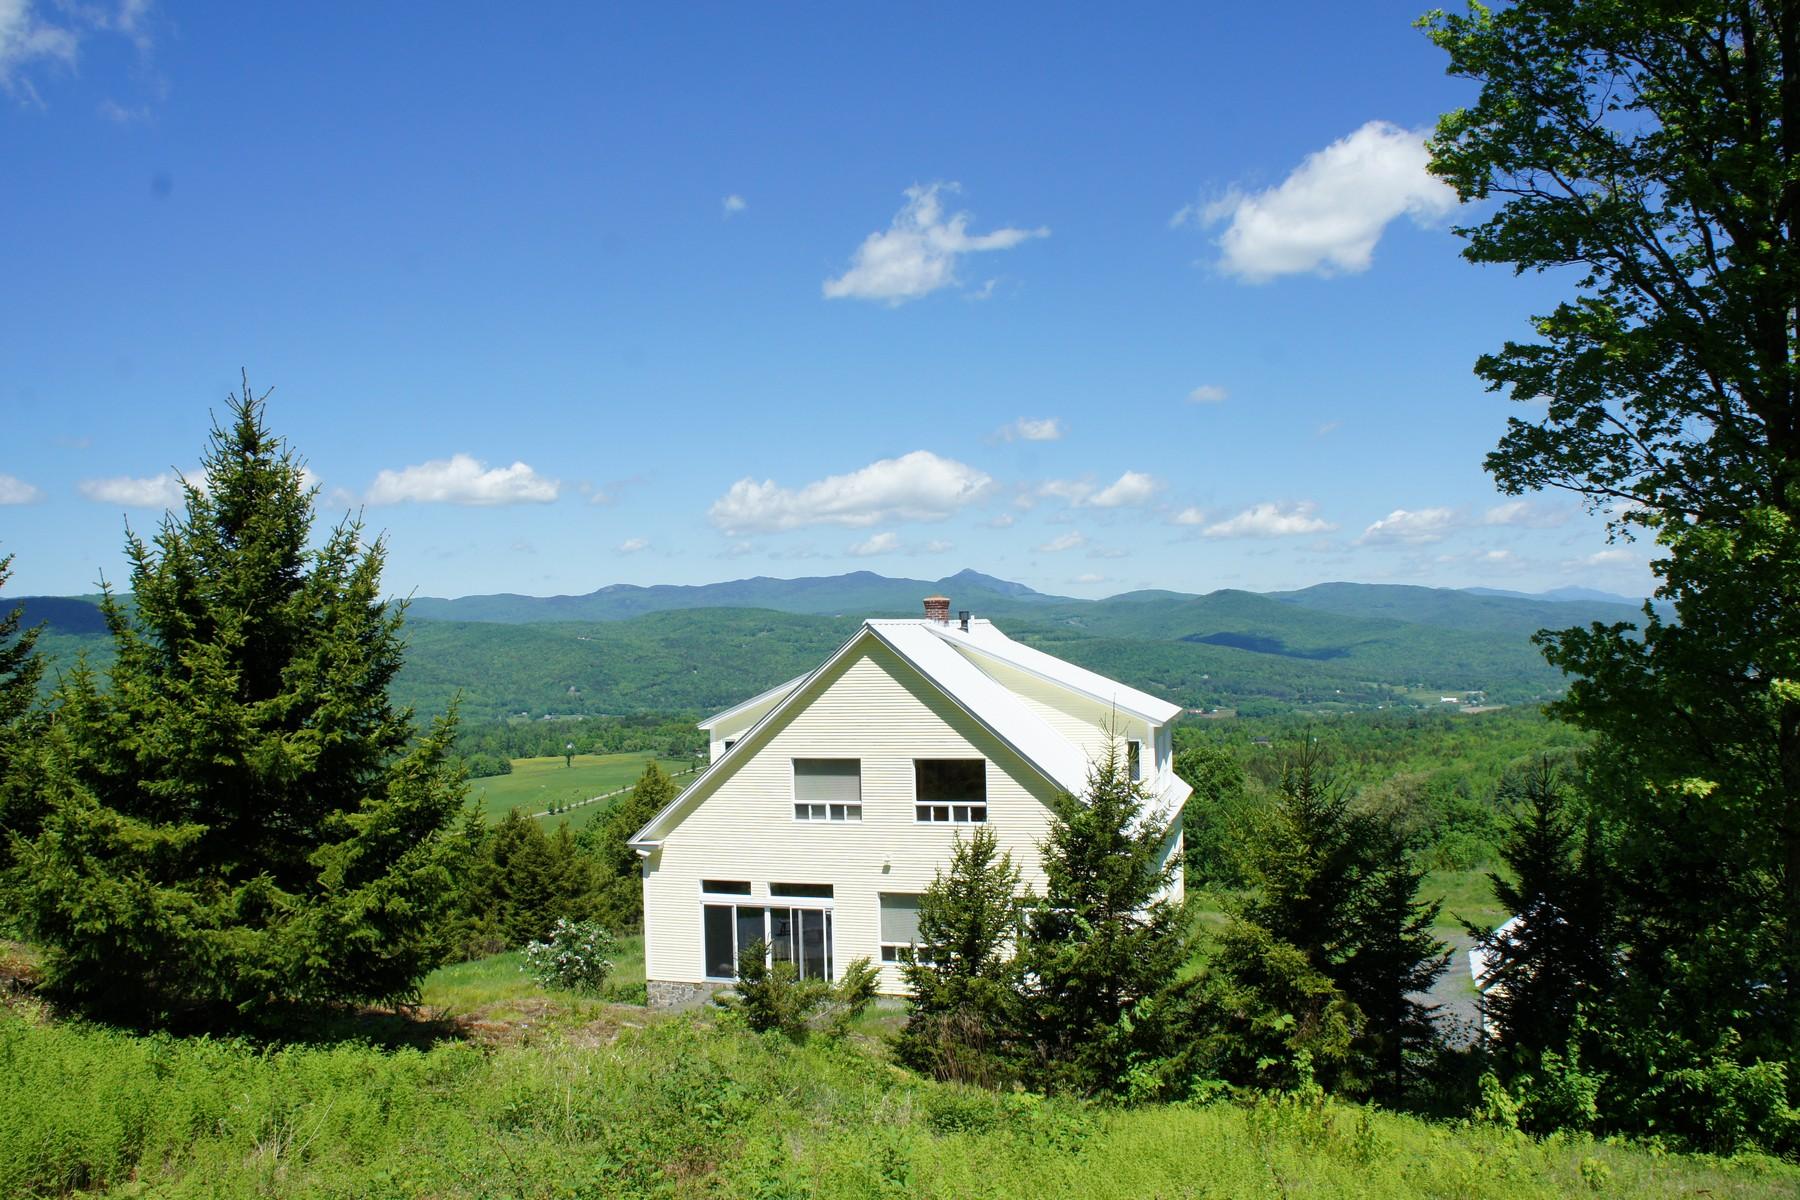 独户住宅 为 销售 在 884 Palmer Hill Road, Waitsfield 884 Palmer Hill Rd 韦茨菲尔德, 佛蒙特州, 05673 美国